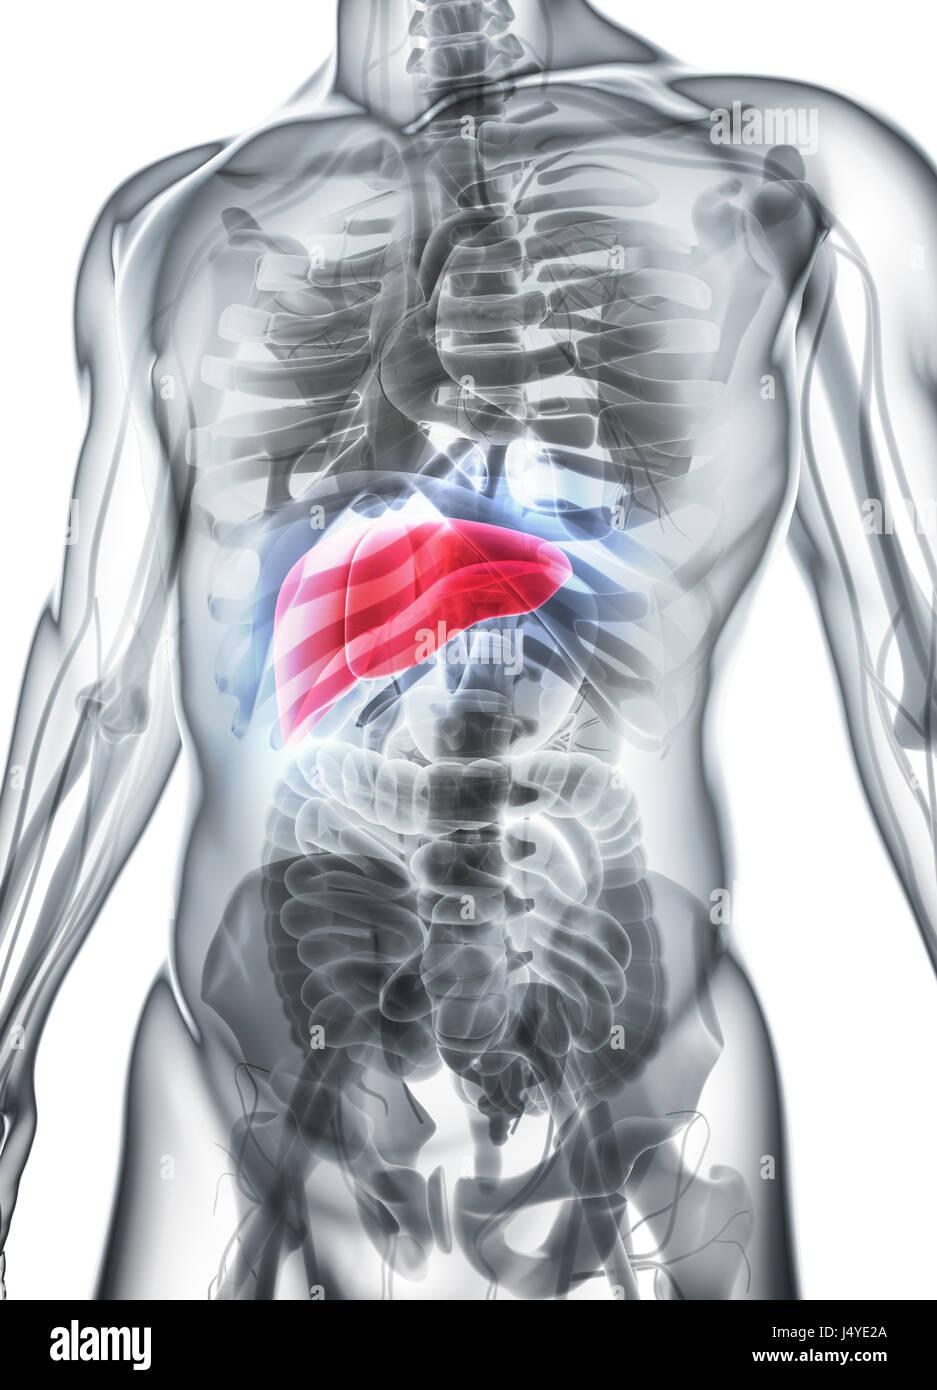 Ziemlich Bild Des Verdauungstraktes Bilder - Menschliche Anatomie ...